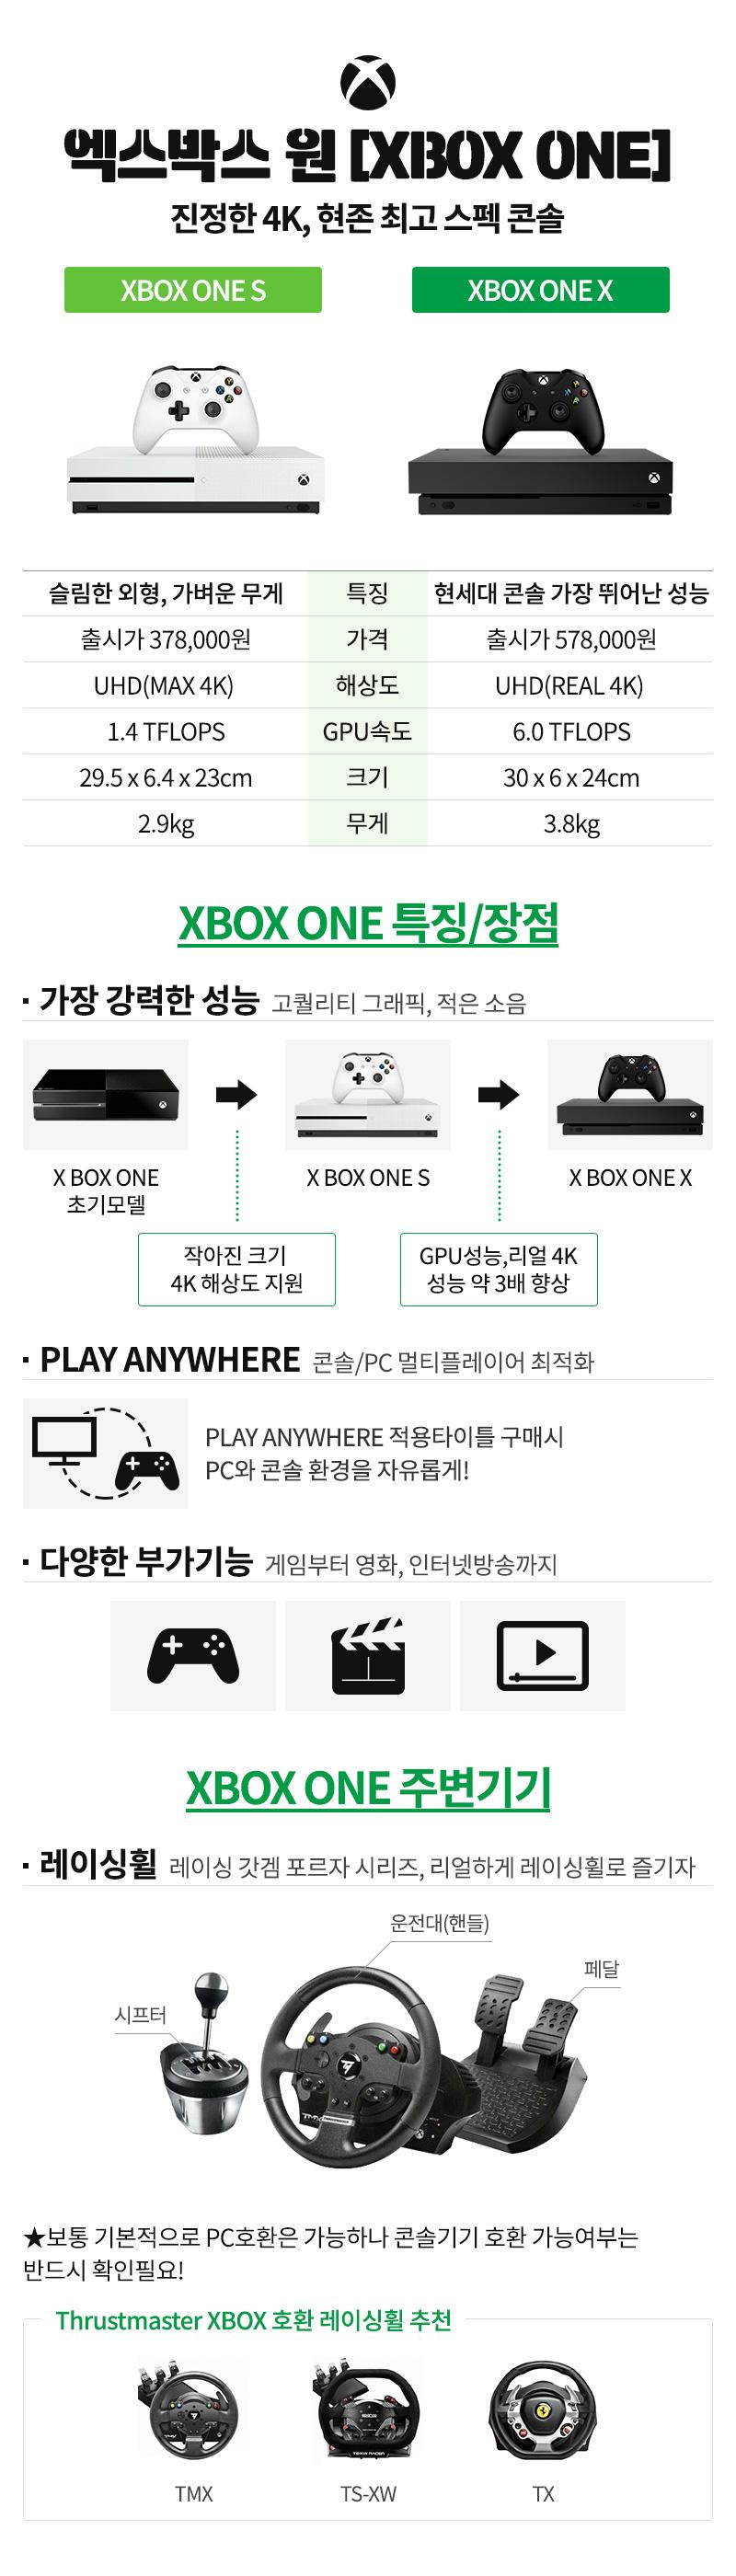 엑스박스 원[XBOX ONE]: 진정한 4K, 현존 최고 스펙 콘솔